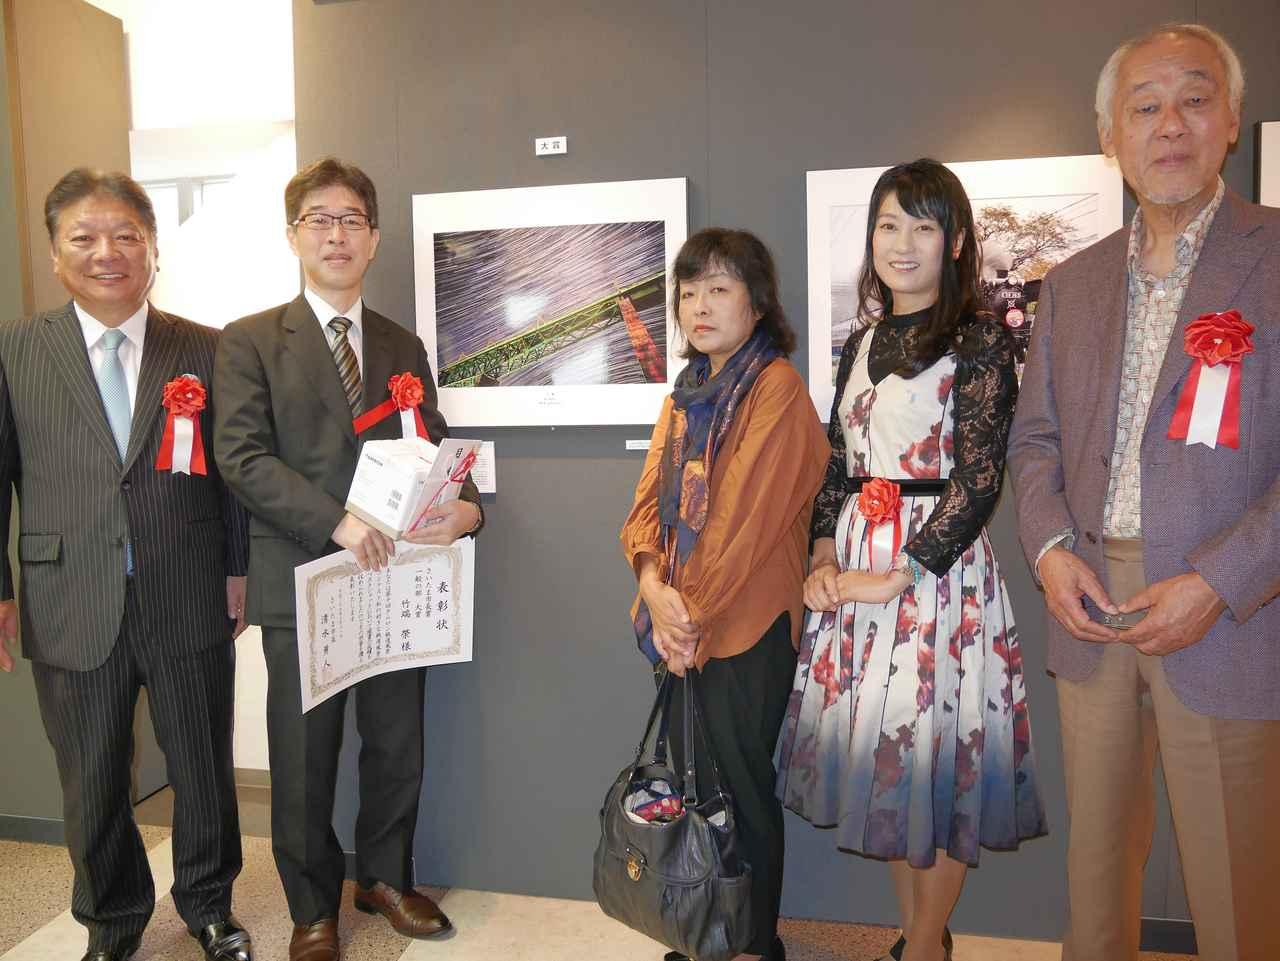 画像: 大賞を受賞した竹端榮さん。奥様と一緒に参加されていました。とても幻想的な作品に仕上がっていました。